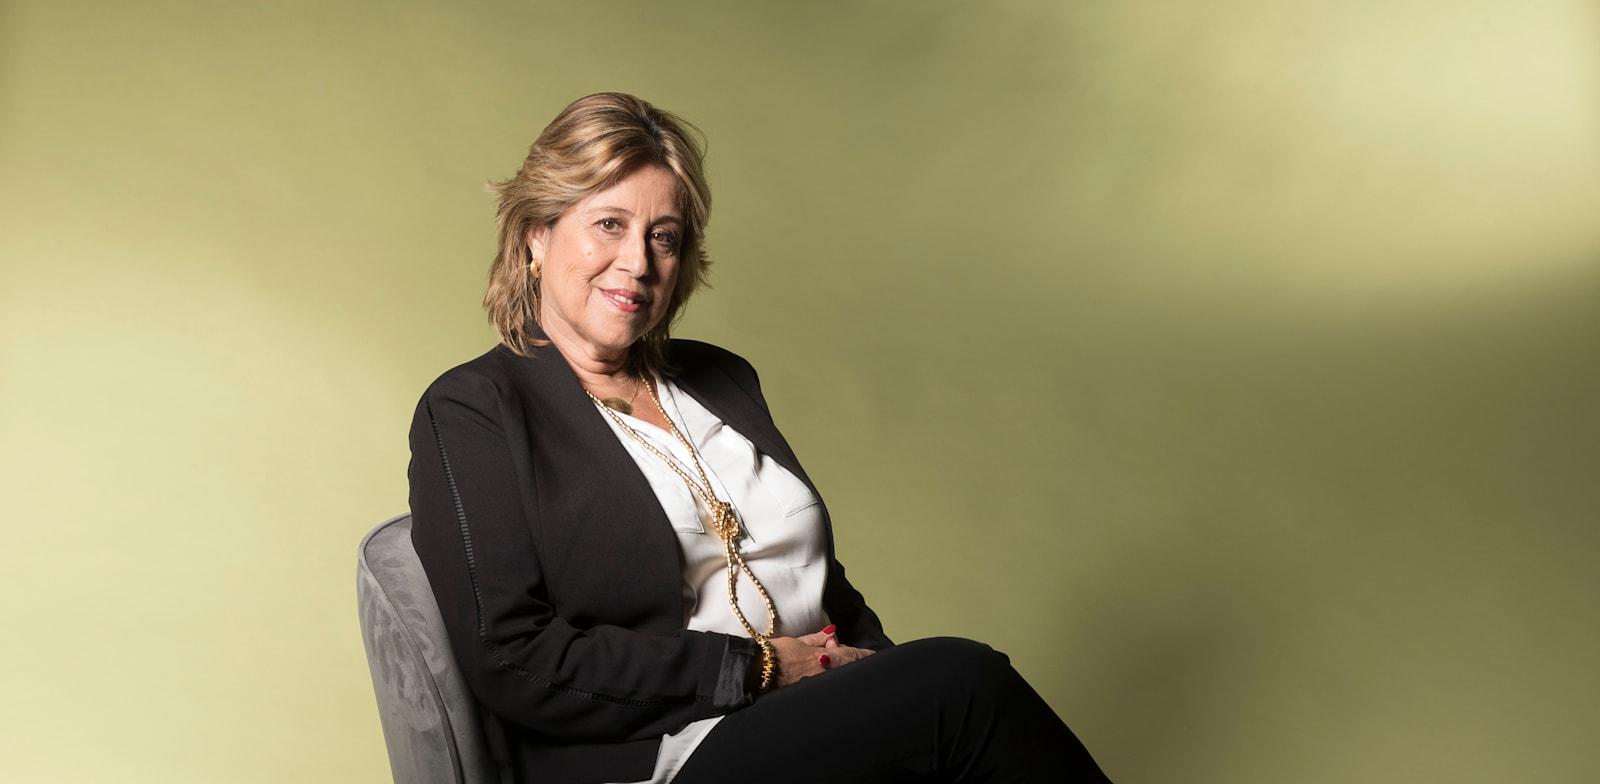 נשיאת בית הדין הארצי לעבודה, השופטת ורדה וירט-לבנה. ההכרעה התהפכה ב-180 מעלות / צילום: רמי זרנגר